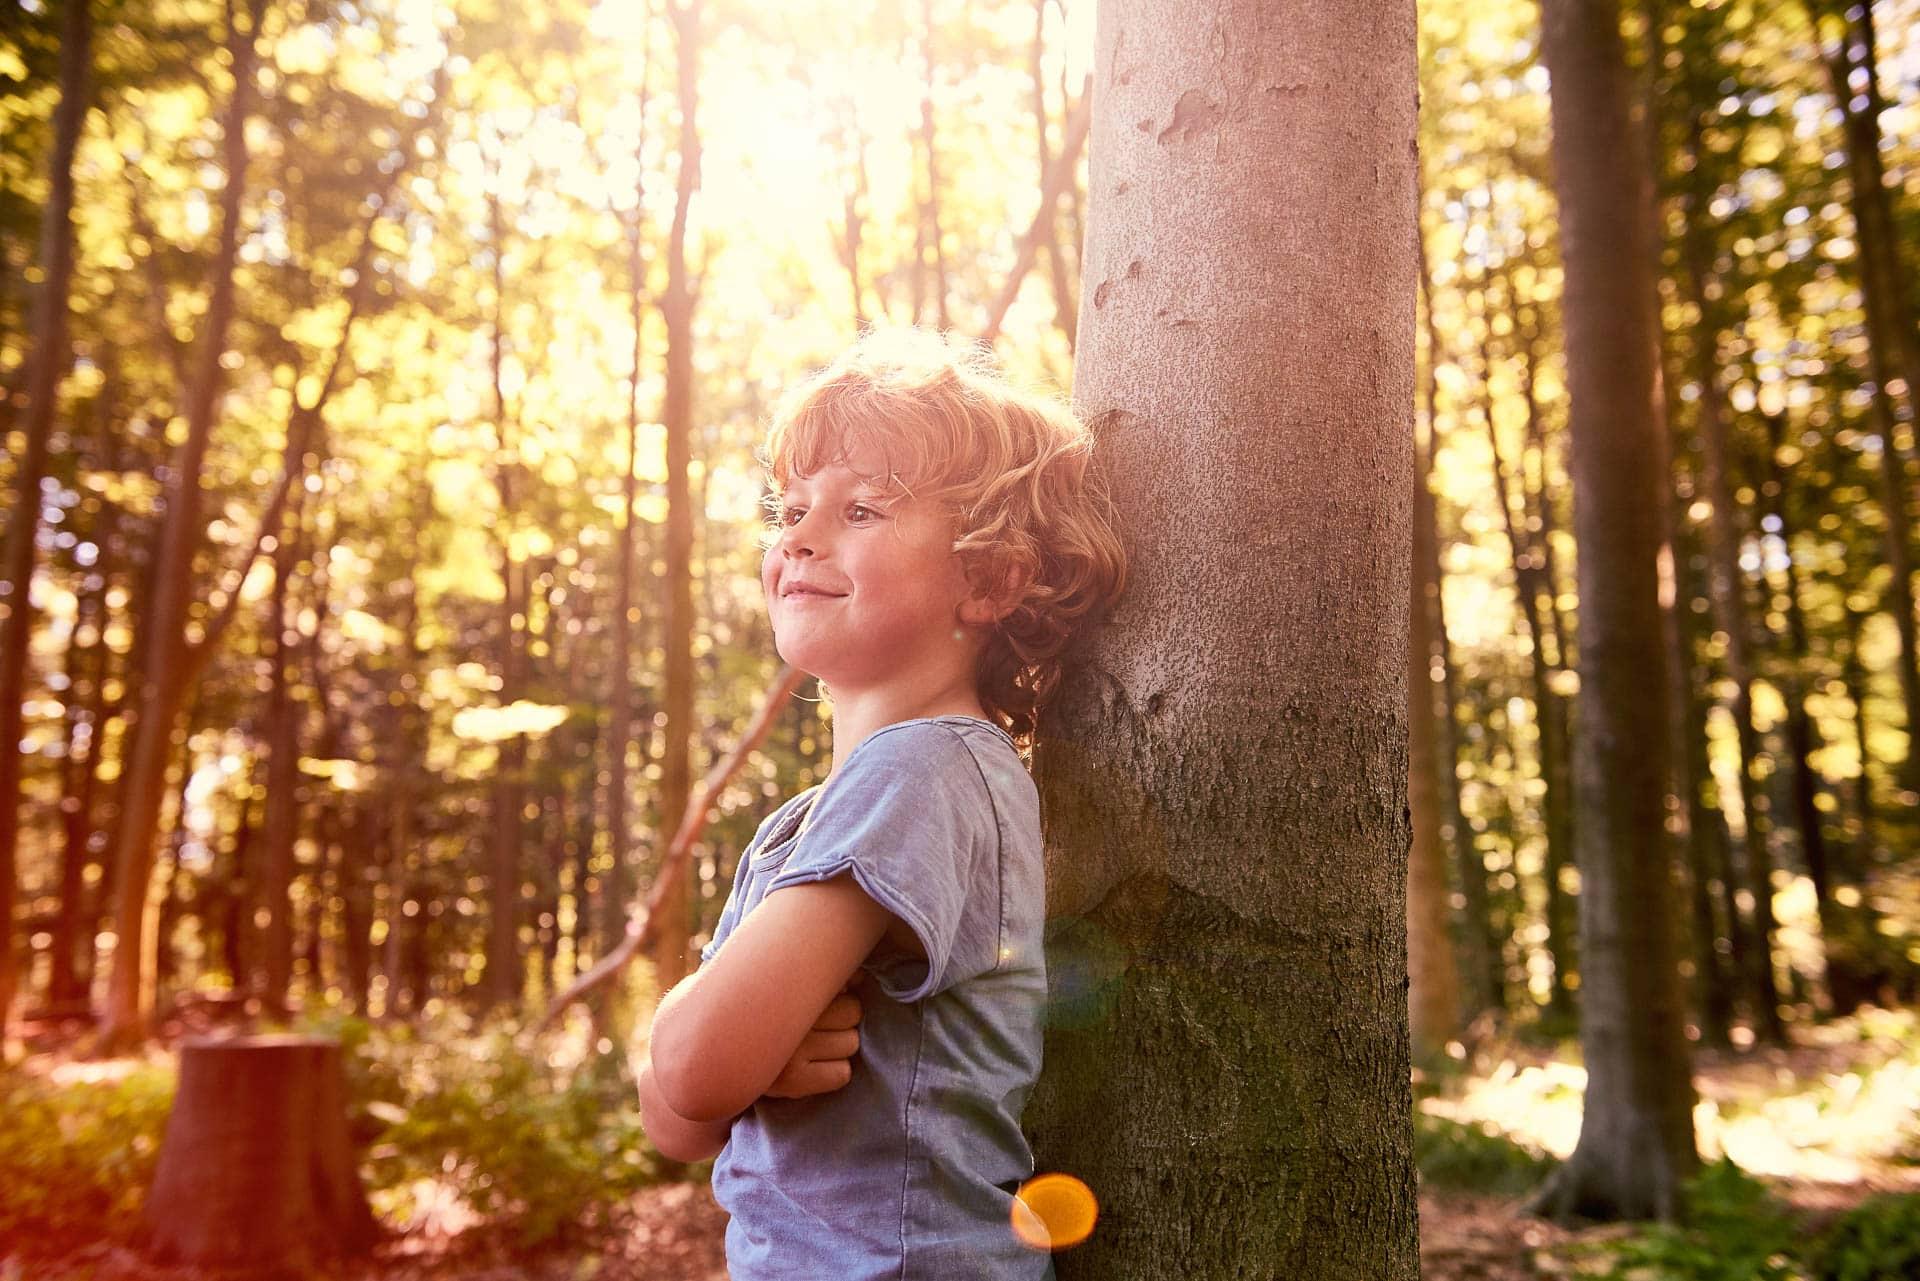 Werbefotograf Markus Mielek aus Dortmund fotografiert Kids in der Natur im Ruhrgebiet